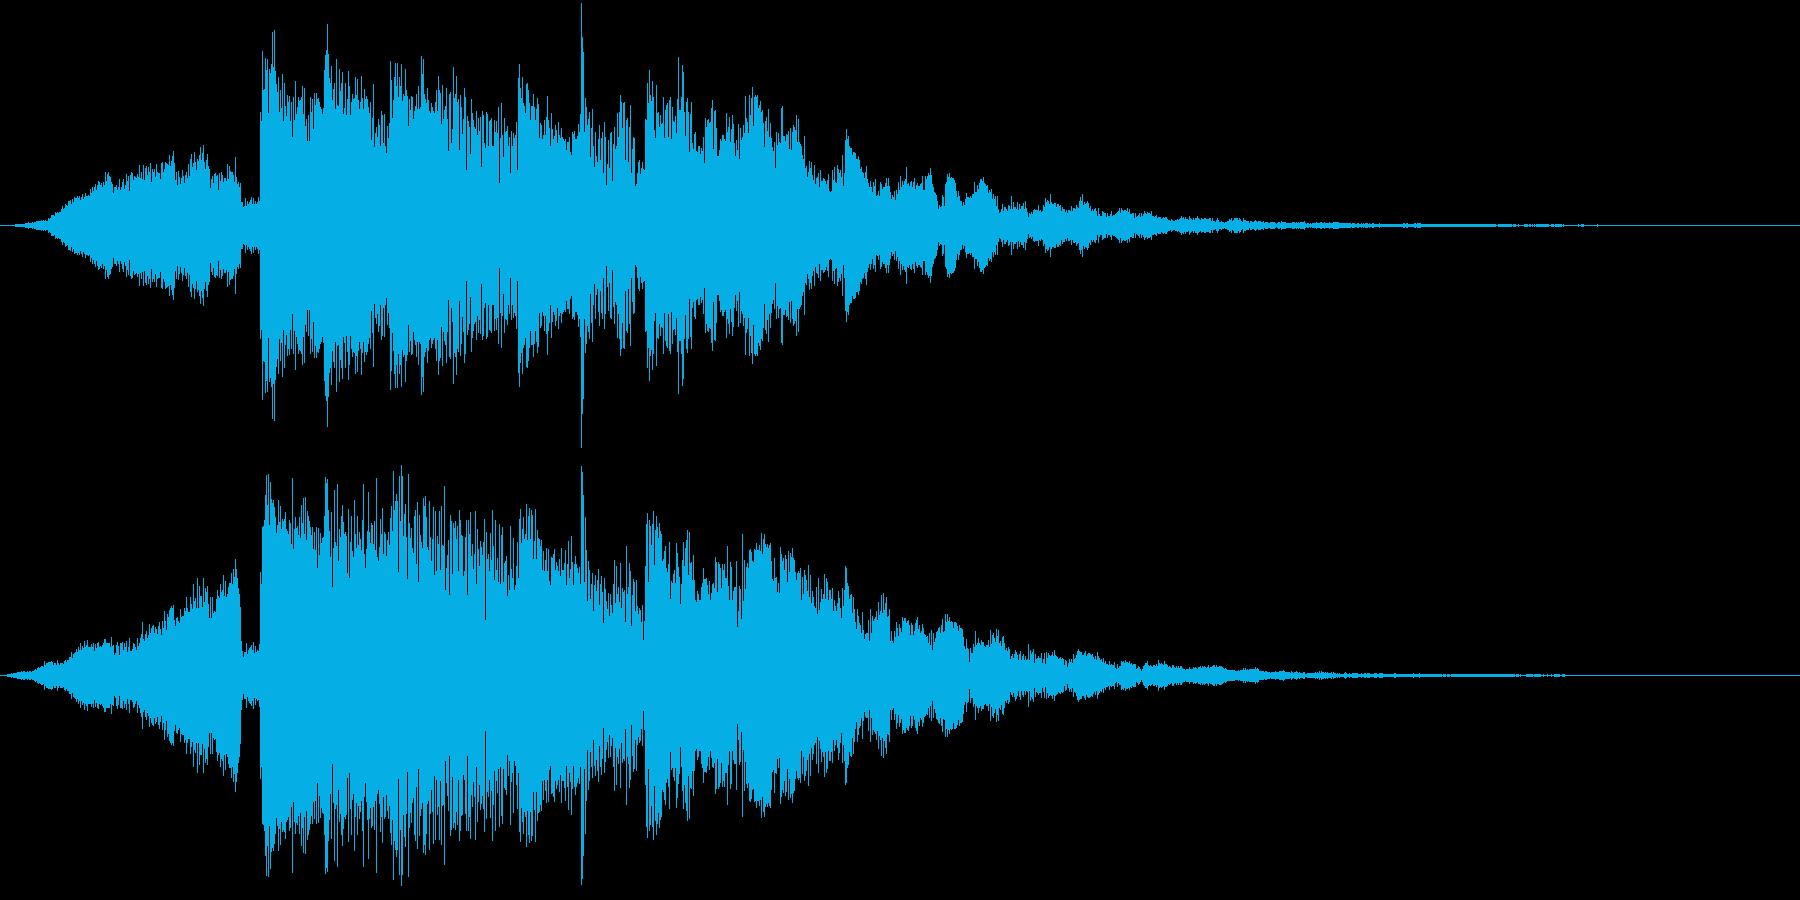 サウンドロゴ、ゲーム、アプリ起動音などにの再生済みの波形